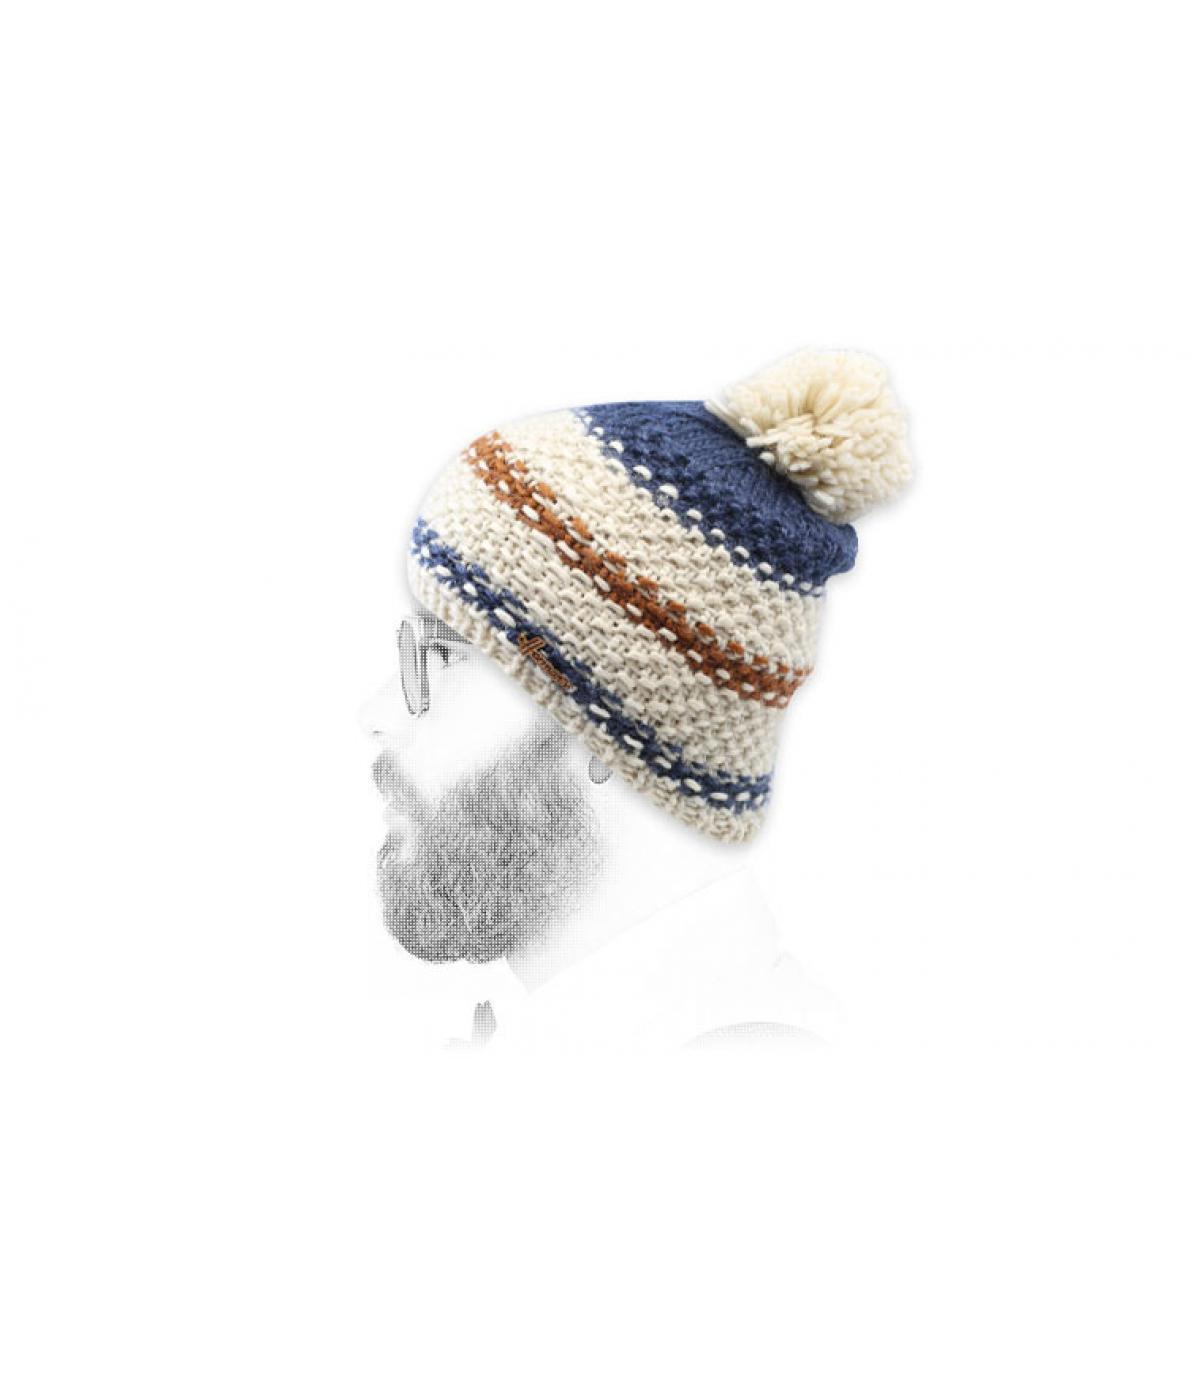 kwast hoed beige blauwe strepen